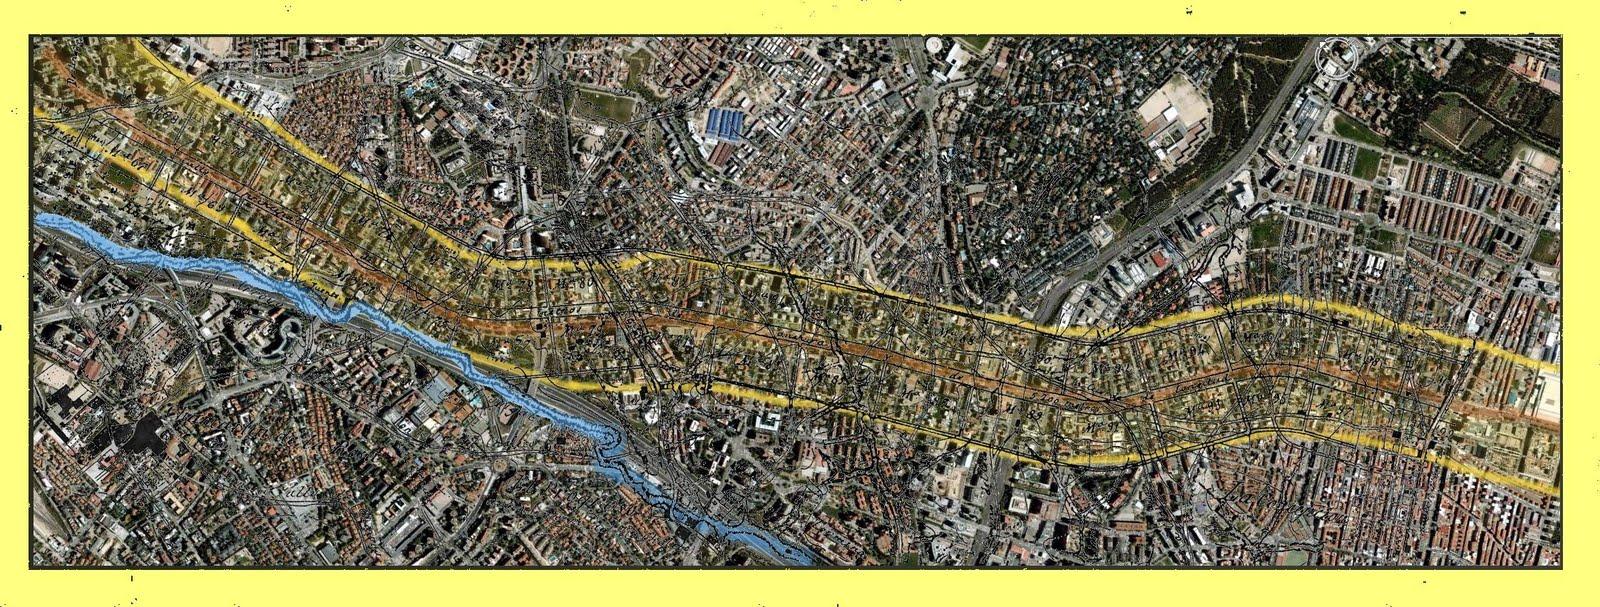 Neurorrehabilitación a domicilio en Ciudad lineal,